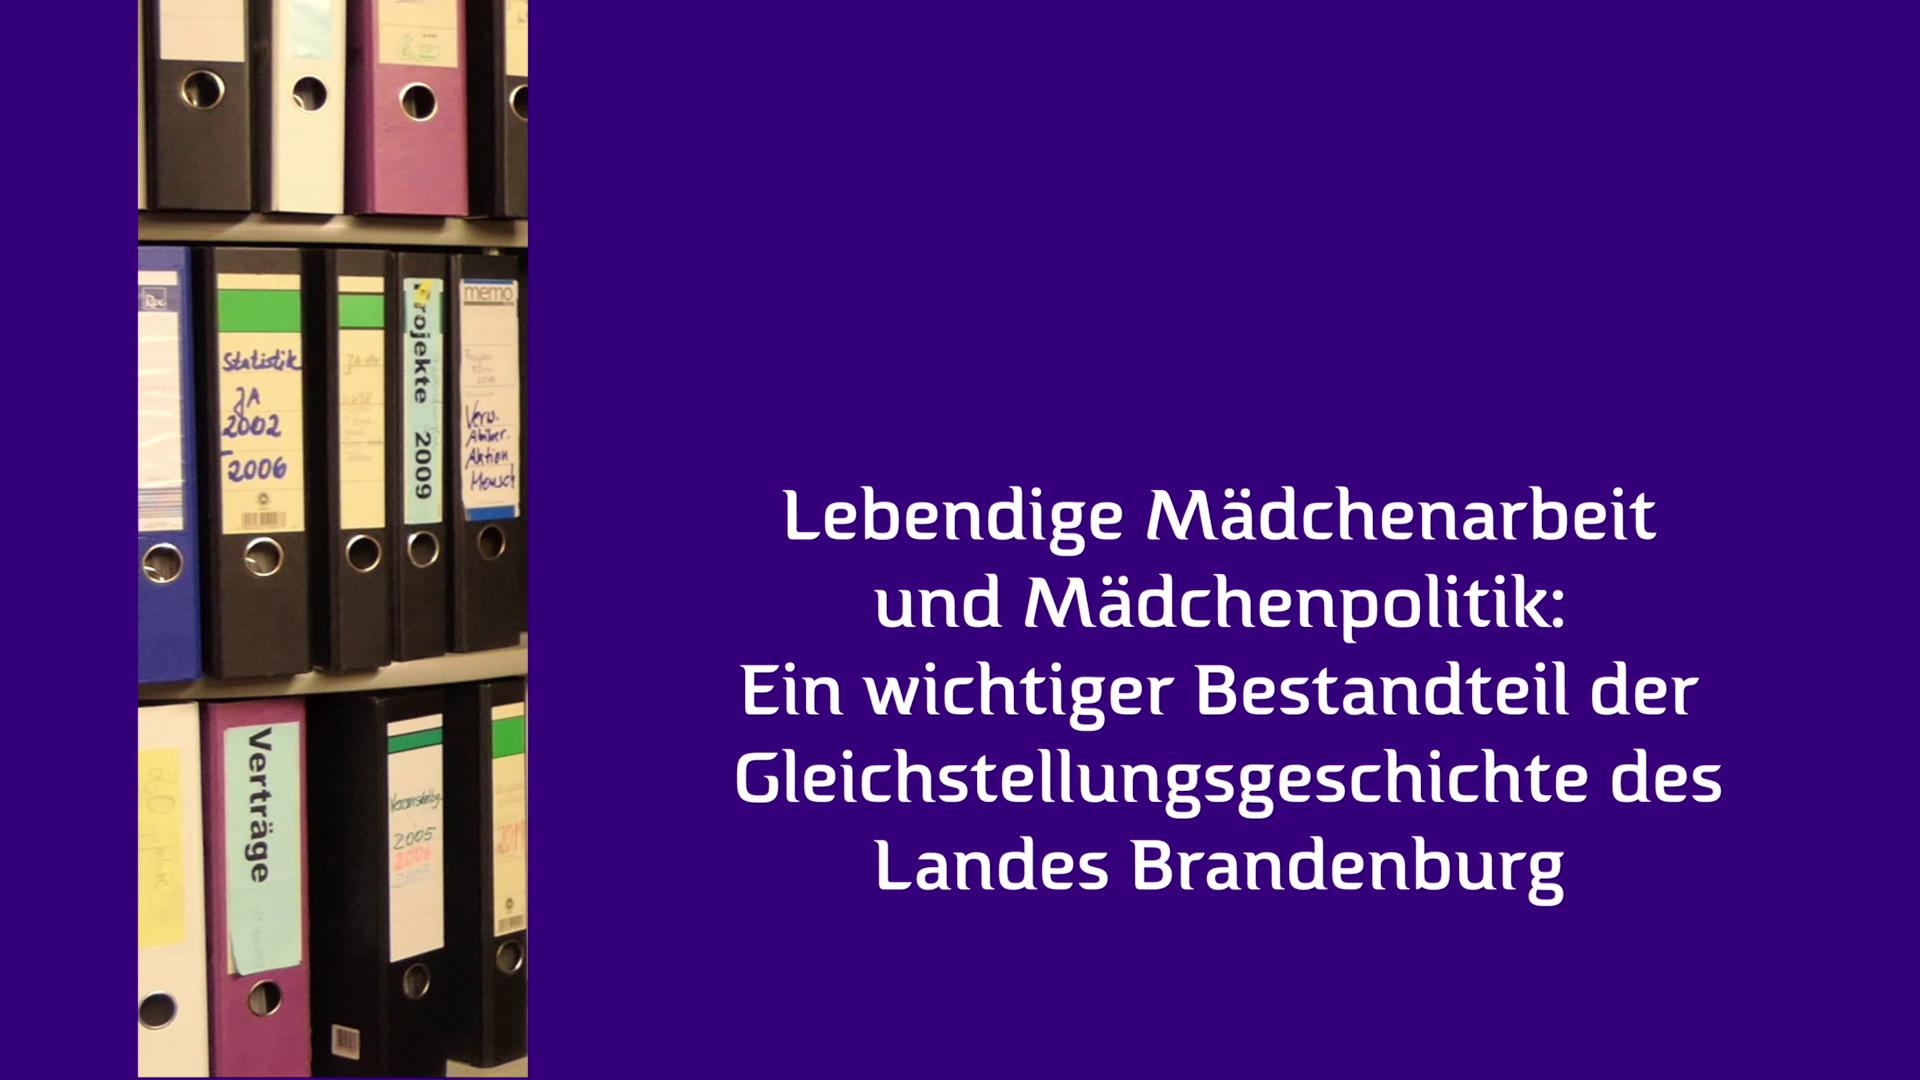 """""""...dann fällt mir unsere Großartigkeit ein..."""" Lebendige Mädchenarbeit und Mädchenpolitik: Ein wichtiger Bestandteil der Gleichstellungsgeschichte des Landes Brandenburg"""